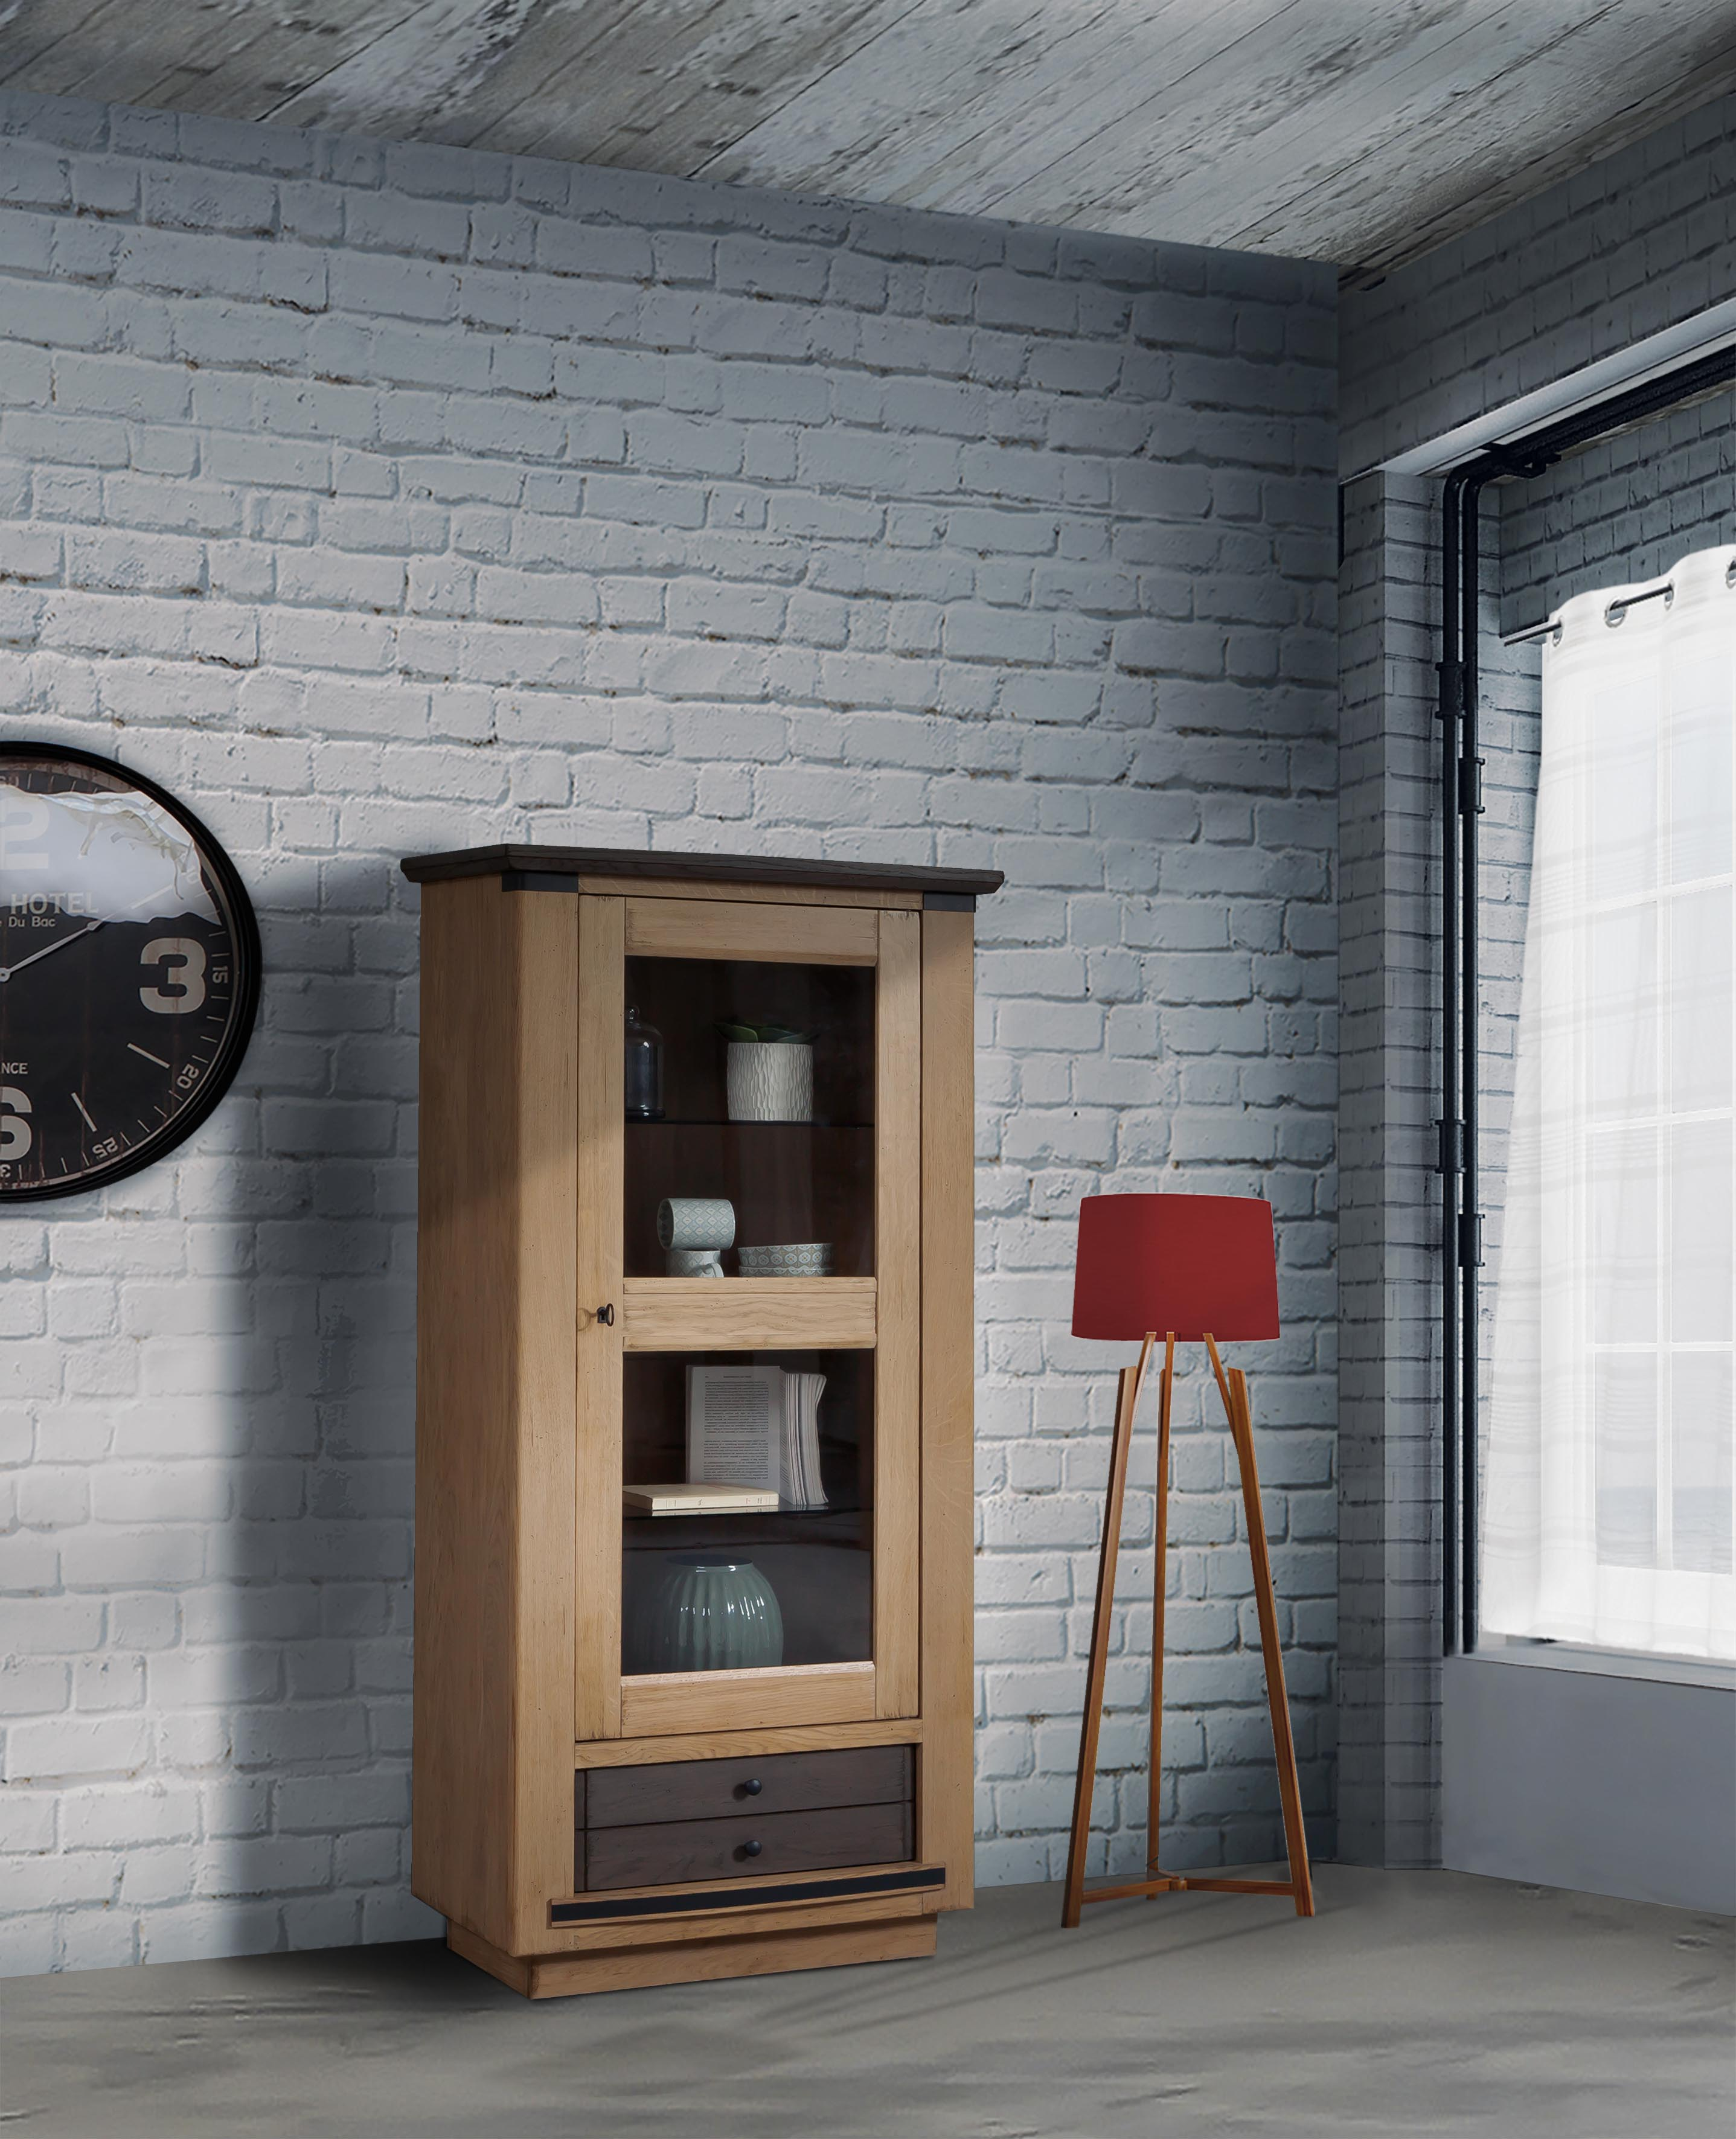 meuble-salle-a-manger-magellan-ateliers-de-langres-meubles-gibaud-nord